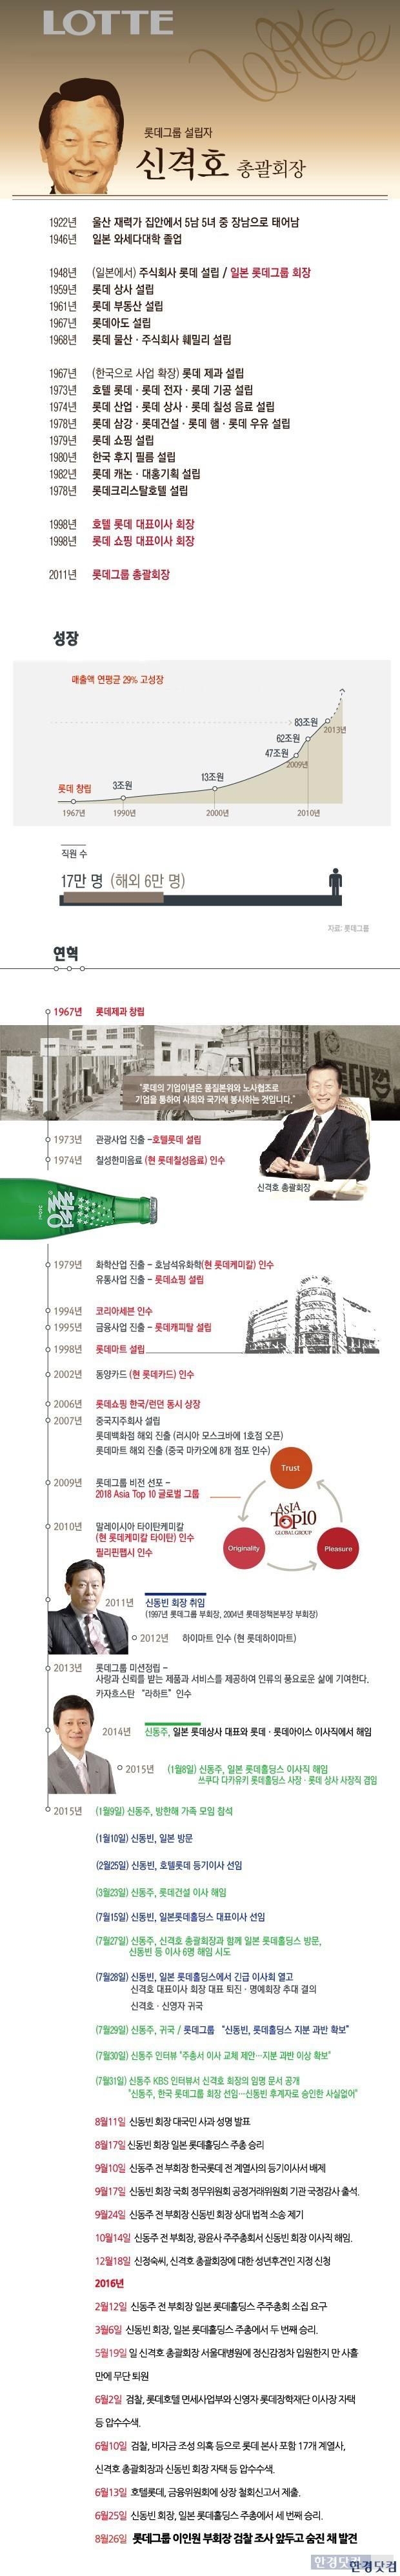 롯데그룹 일가의 연혁. (자료 = 한경닷컴 뉴스룸)